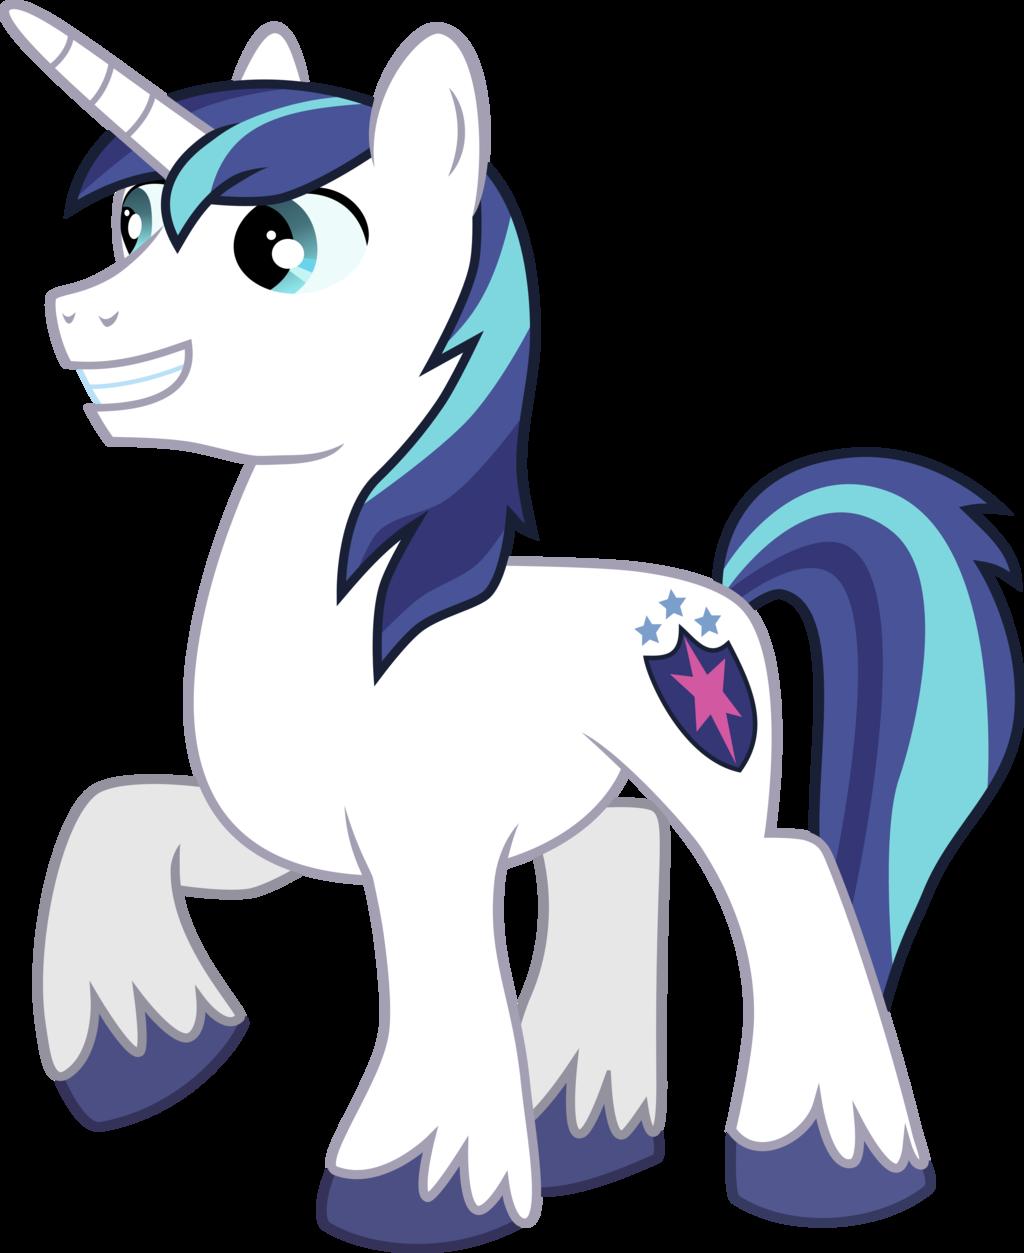 Shining armor wiki my little pony fan lavor fandom - My little pony wikia ...